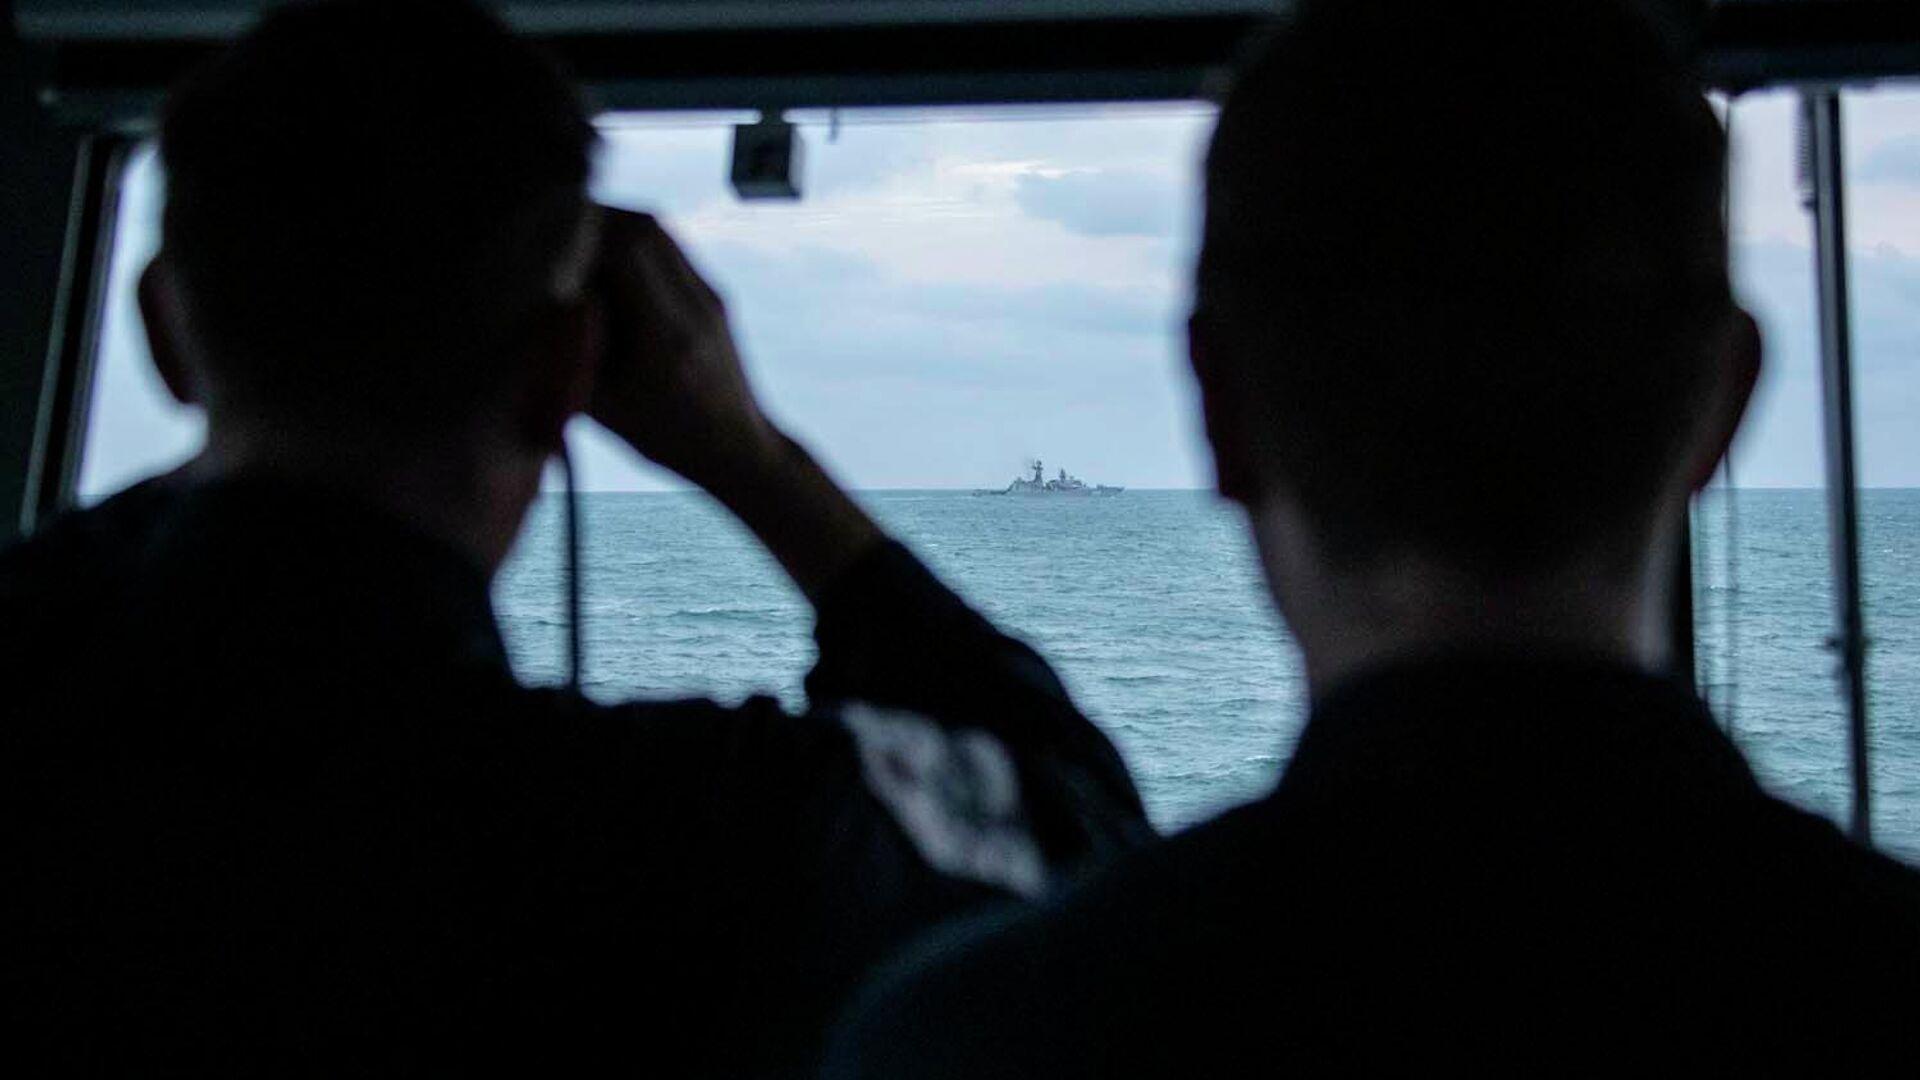 Британский патрульный корабль HMS Mersey сопроводил отряд из трех кораблей российского Балтийского флота, следовавших вдоль берегов Великобритании к проливу Ла-Манш - РИА Новости, 1920, 20.10.2020